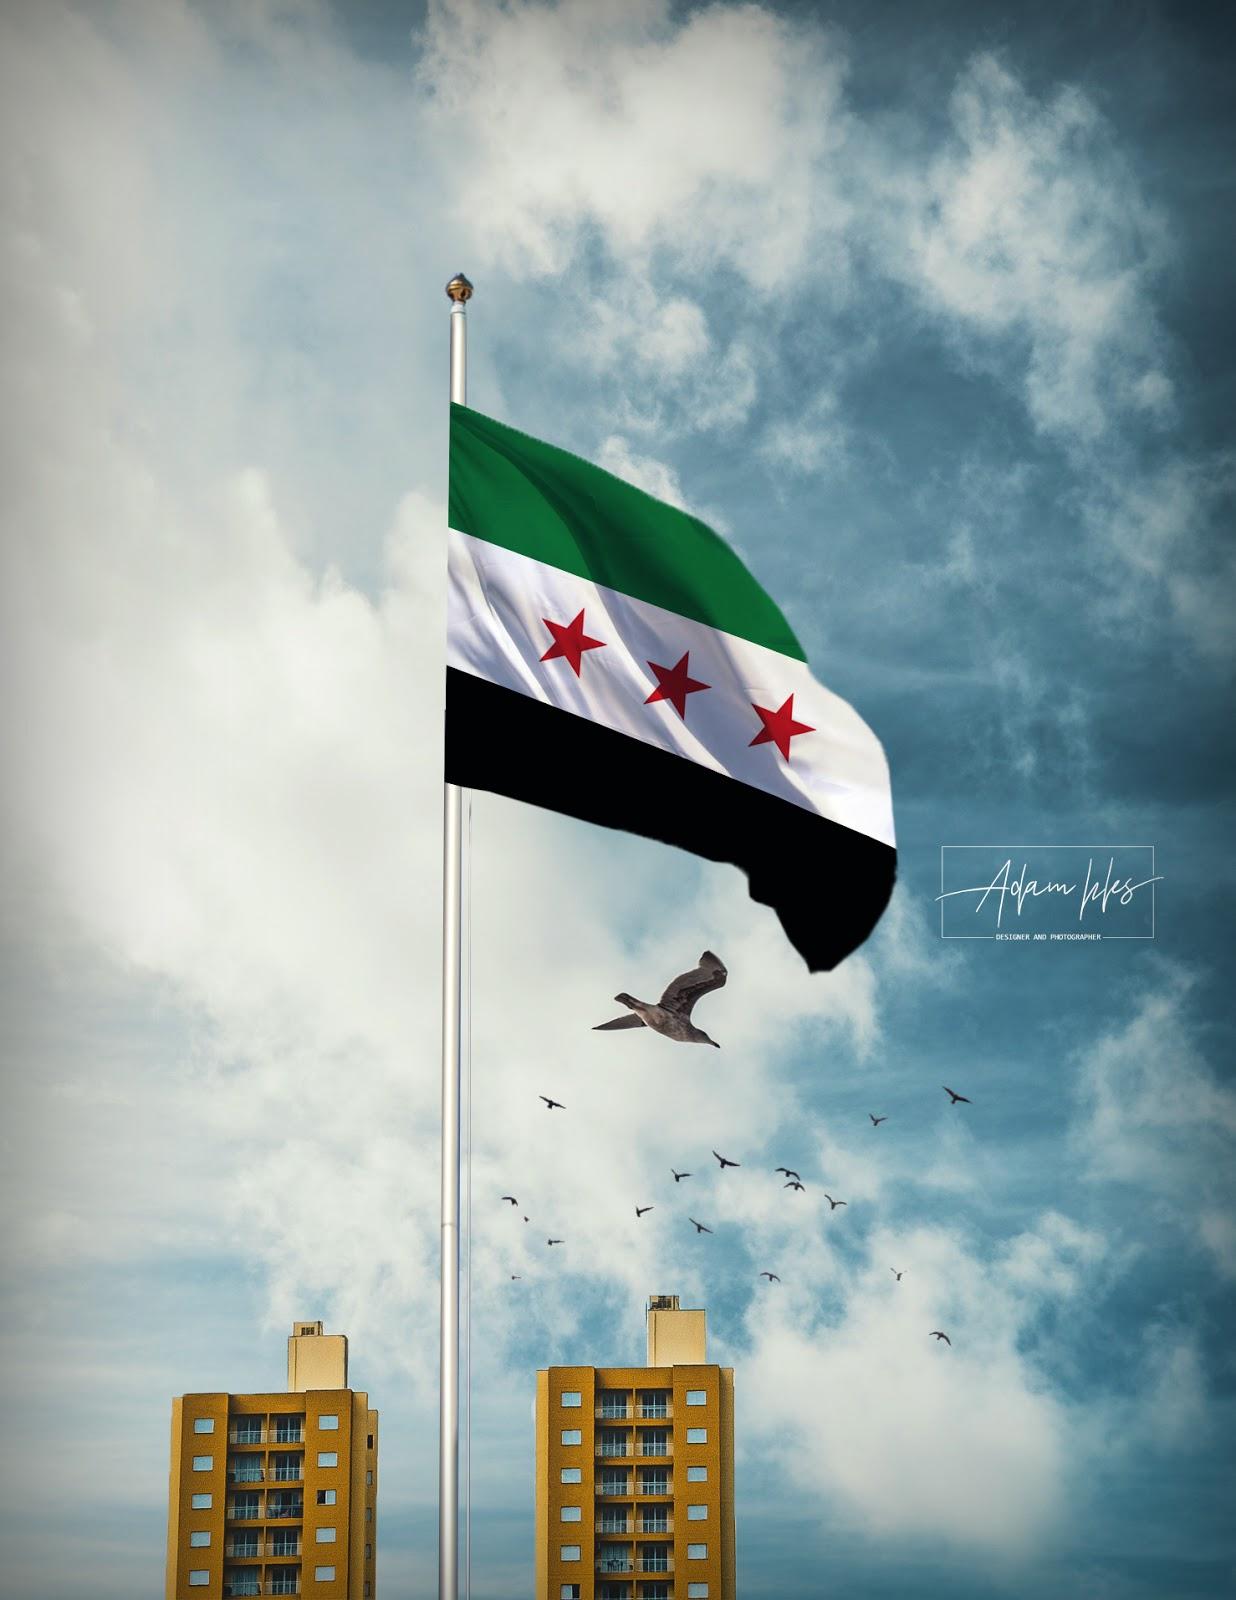 خلفية علم سوريا الحر